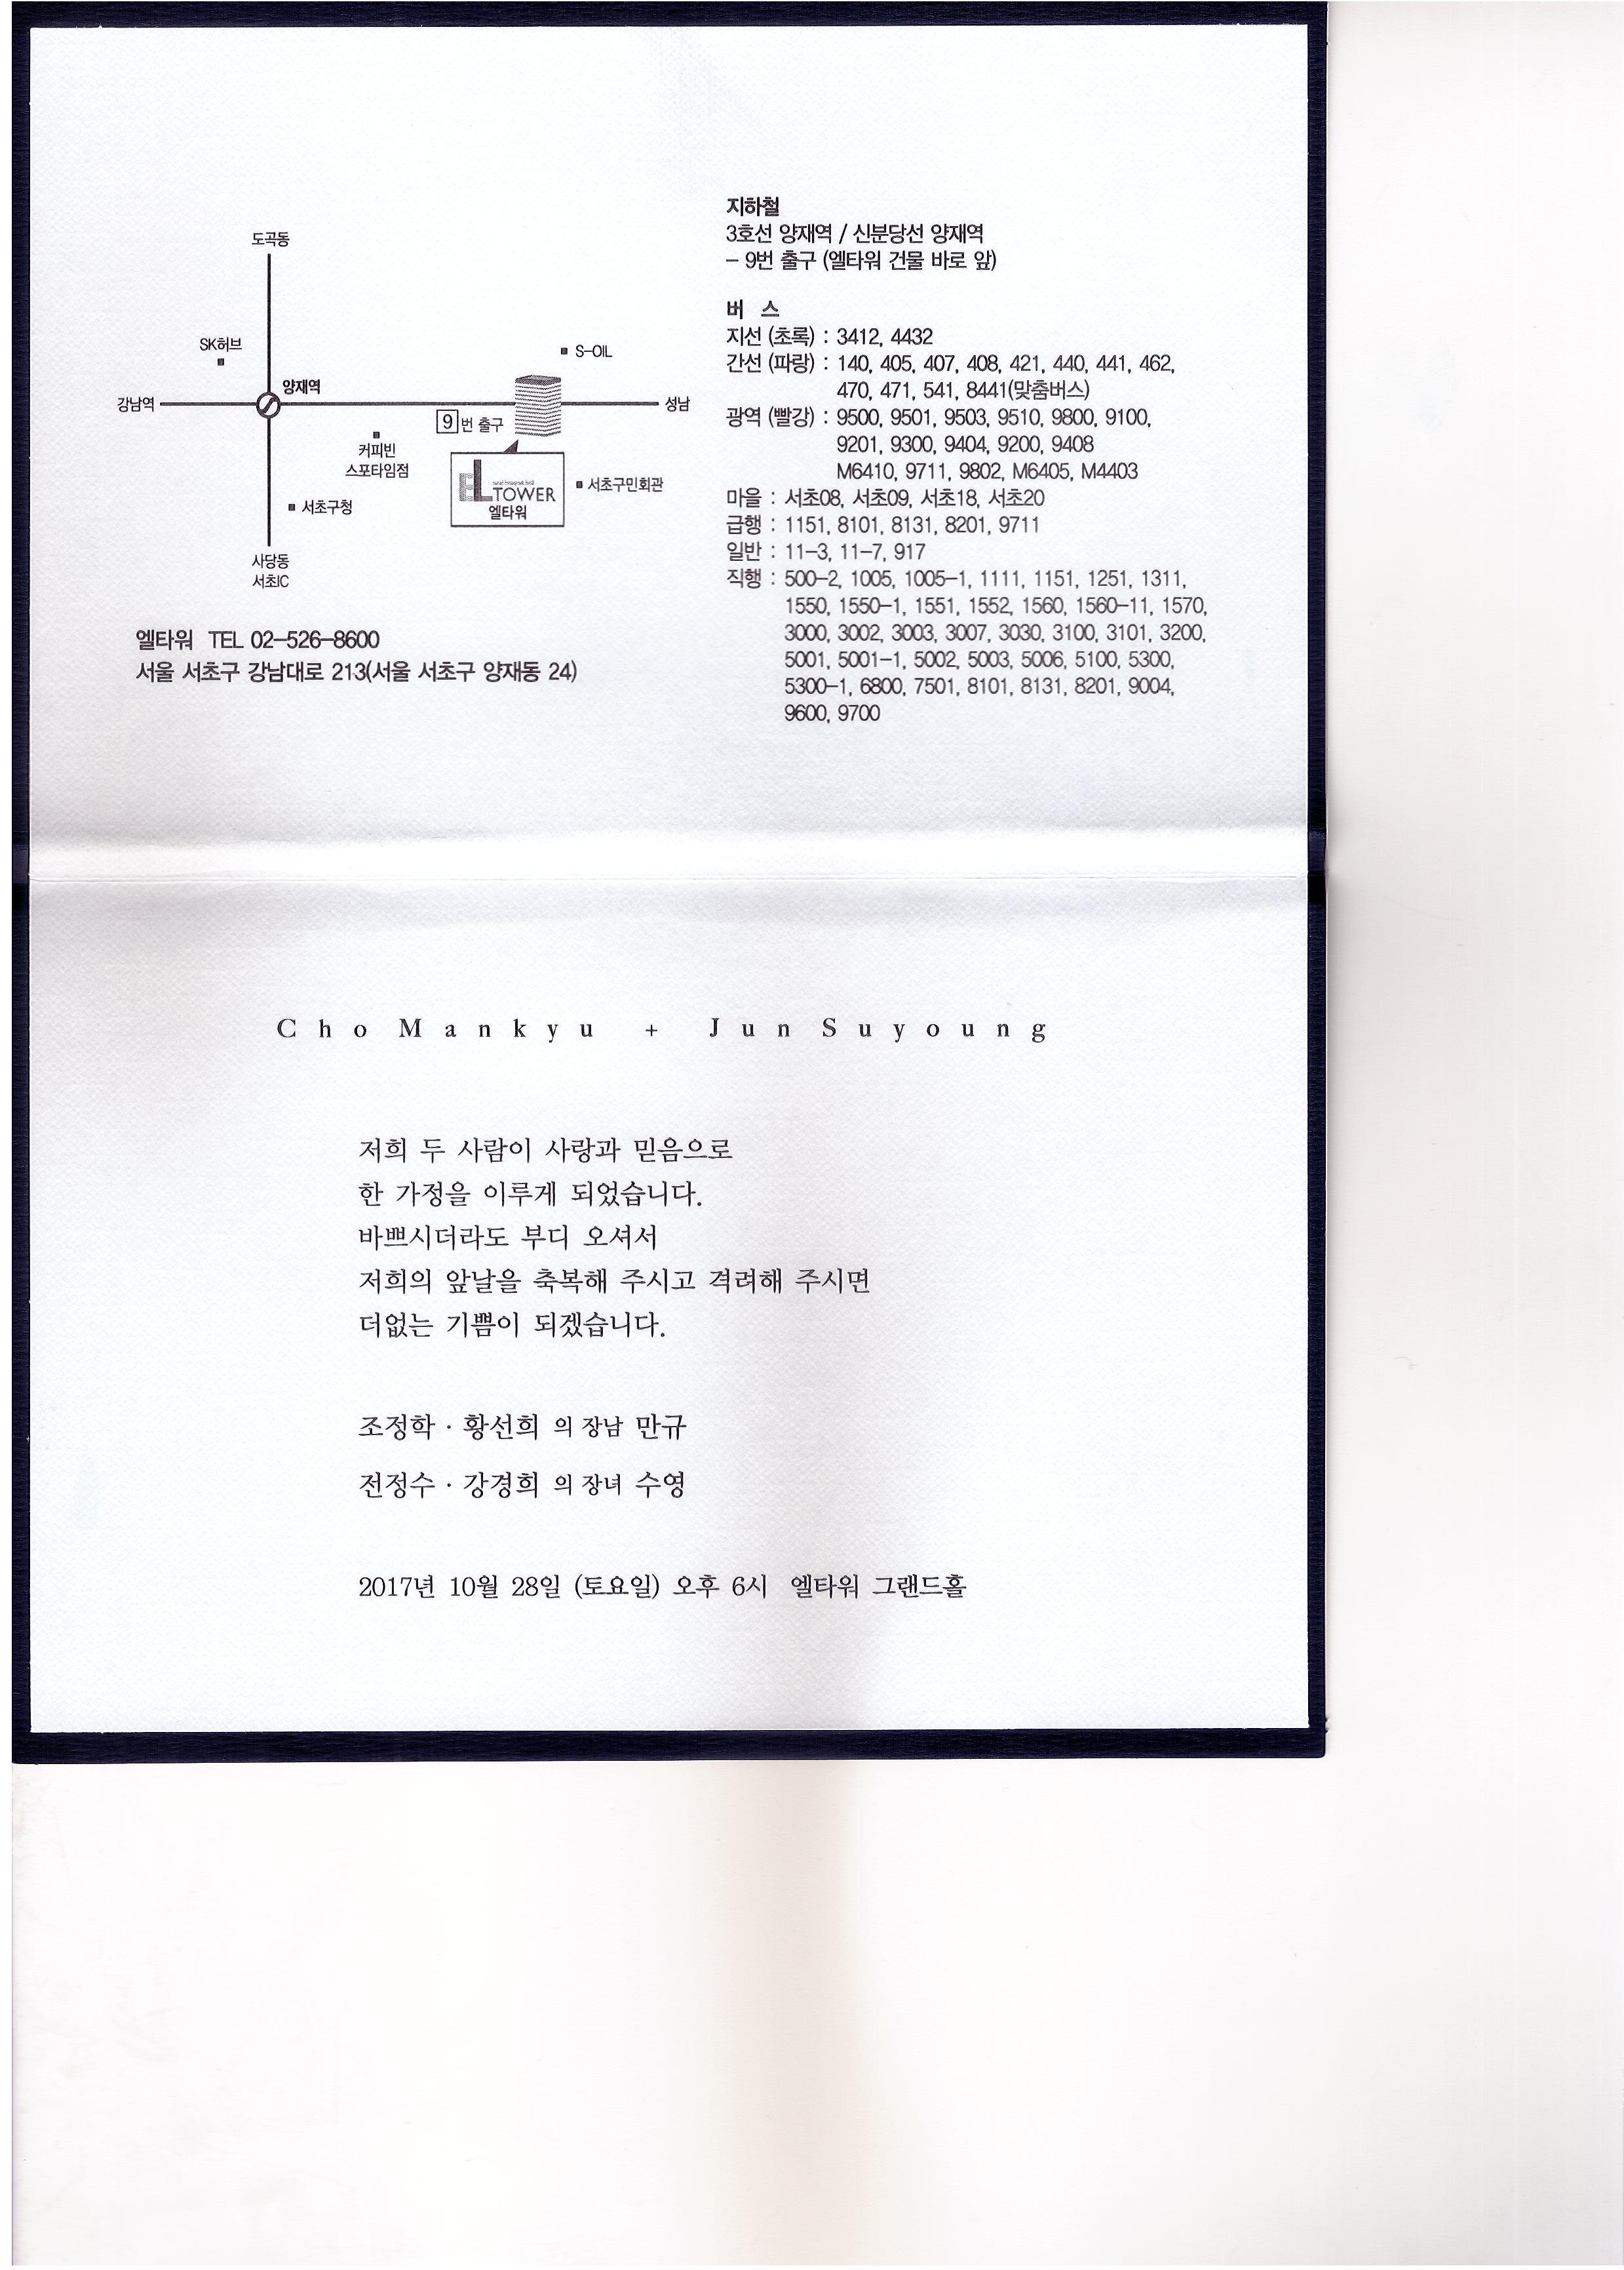 전정수 선생님 장녀 결혼.JPG